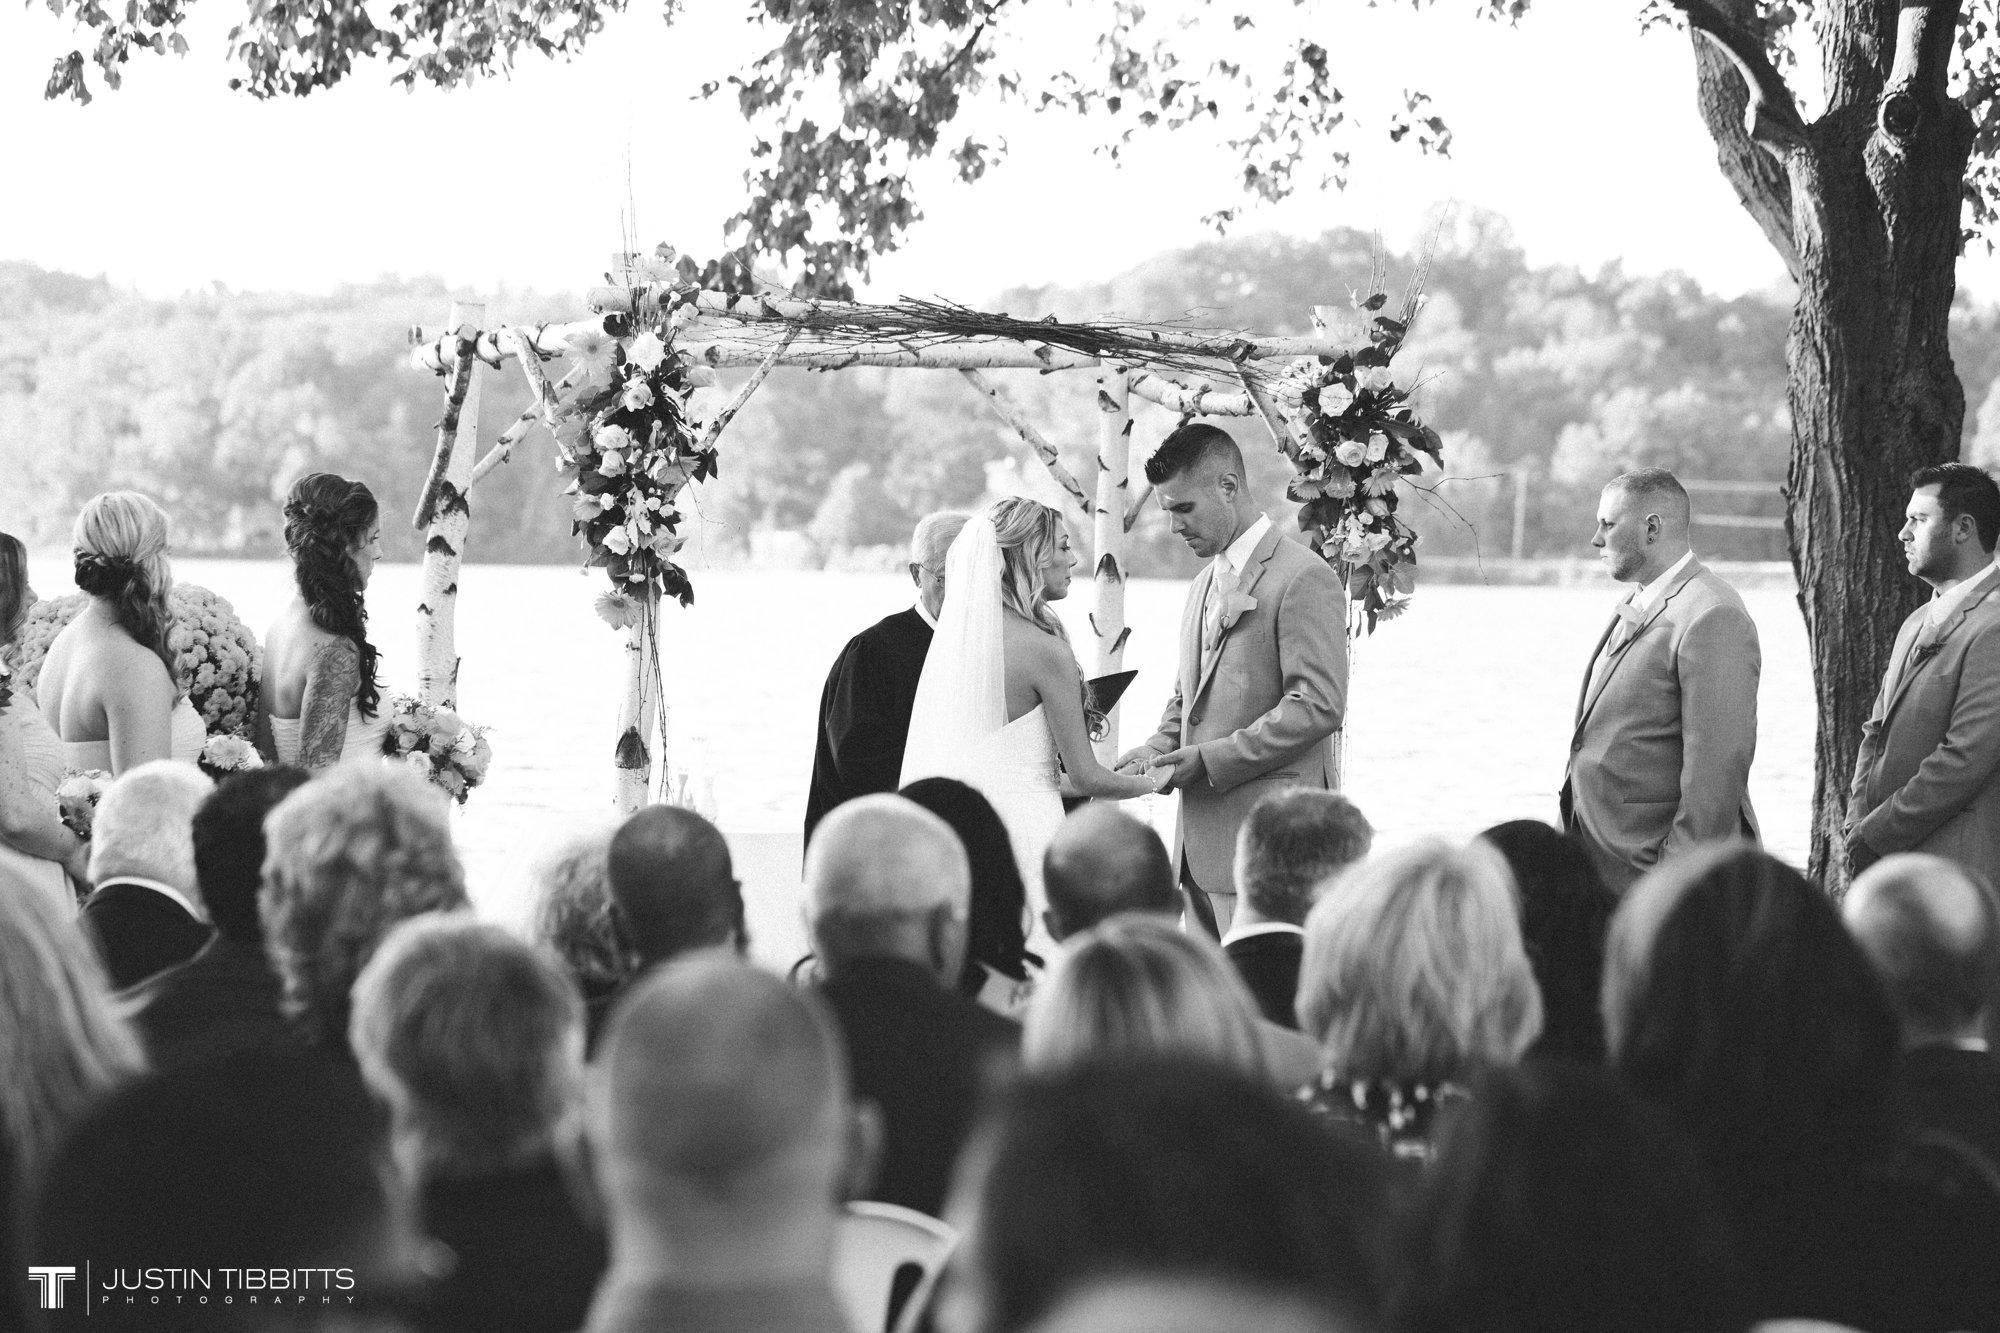 Albany NY Wedding Photographer Justin Tibbitts Photography 2014 Best of Albany NY Weddings-1072812132